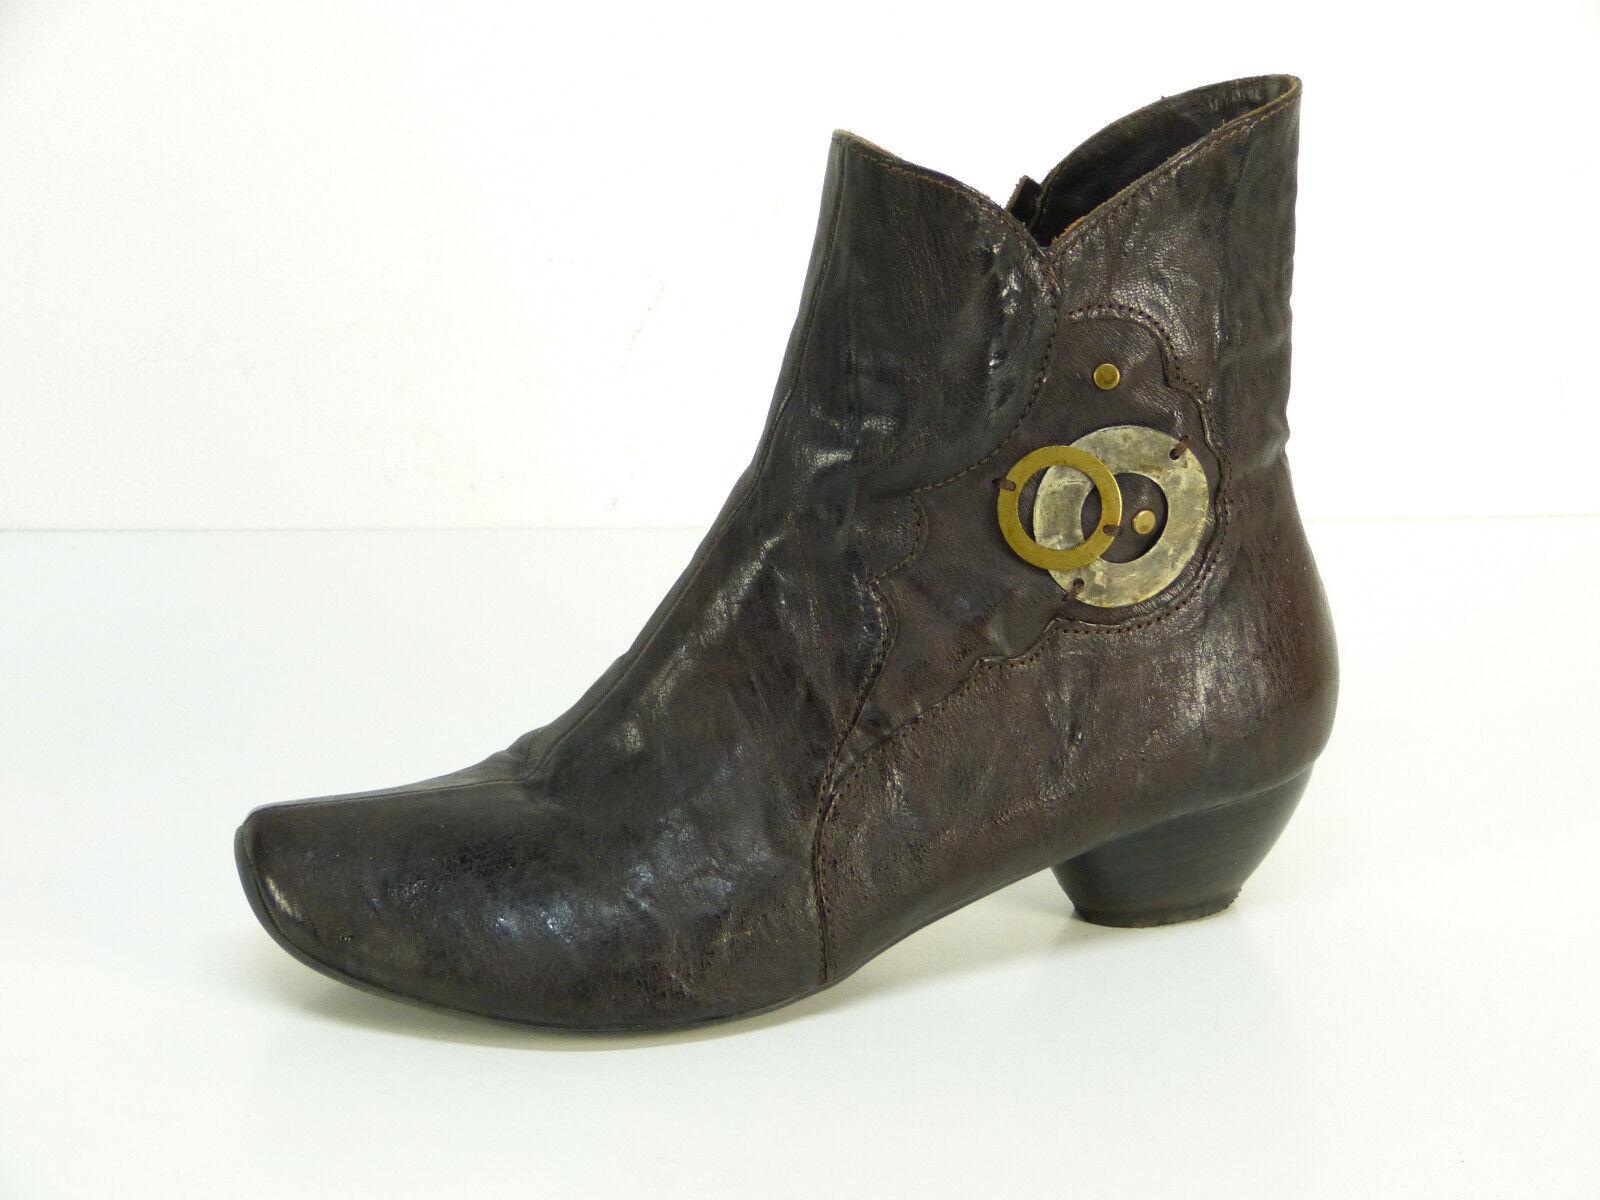 Think cuero botas talla 38 marrón & lujo pur-cuero (l (l (l 7107)  gran descuento